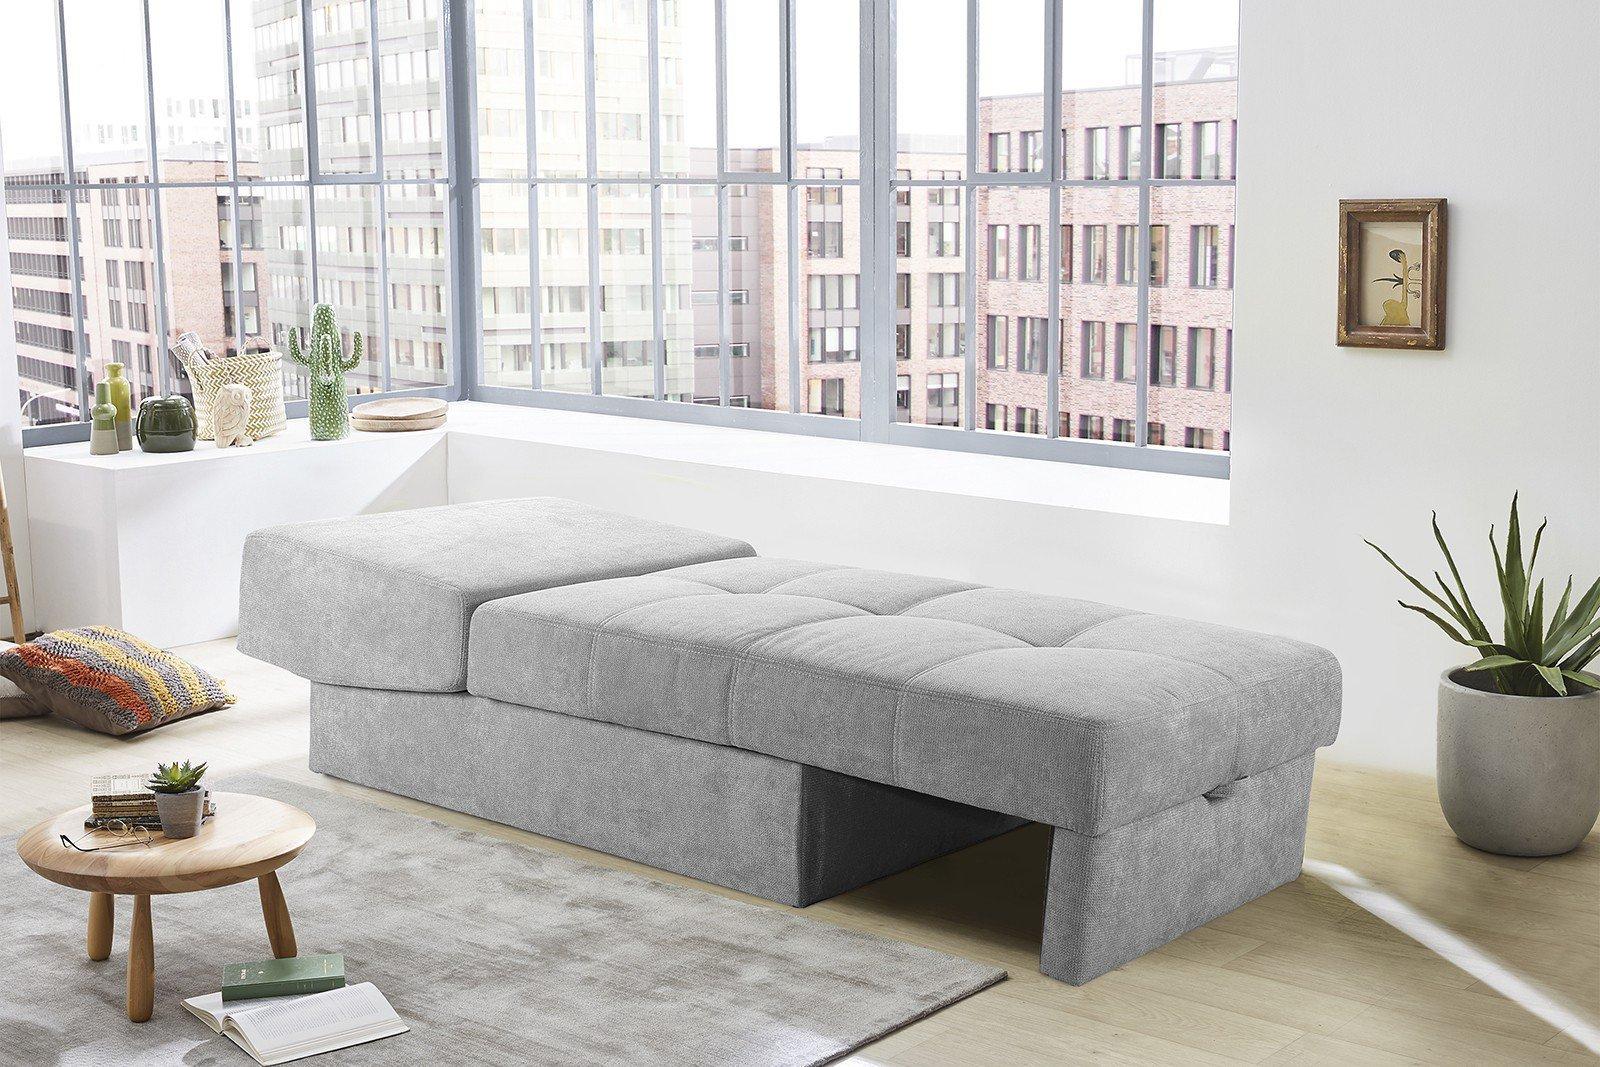 recamiere mit und bettkasten cool home affaire ecksofa braun mit bett bettkasten recamiere. Black Bedroom Furniture Sets. Home Design Ideas